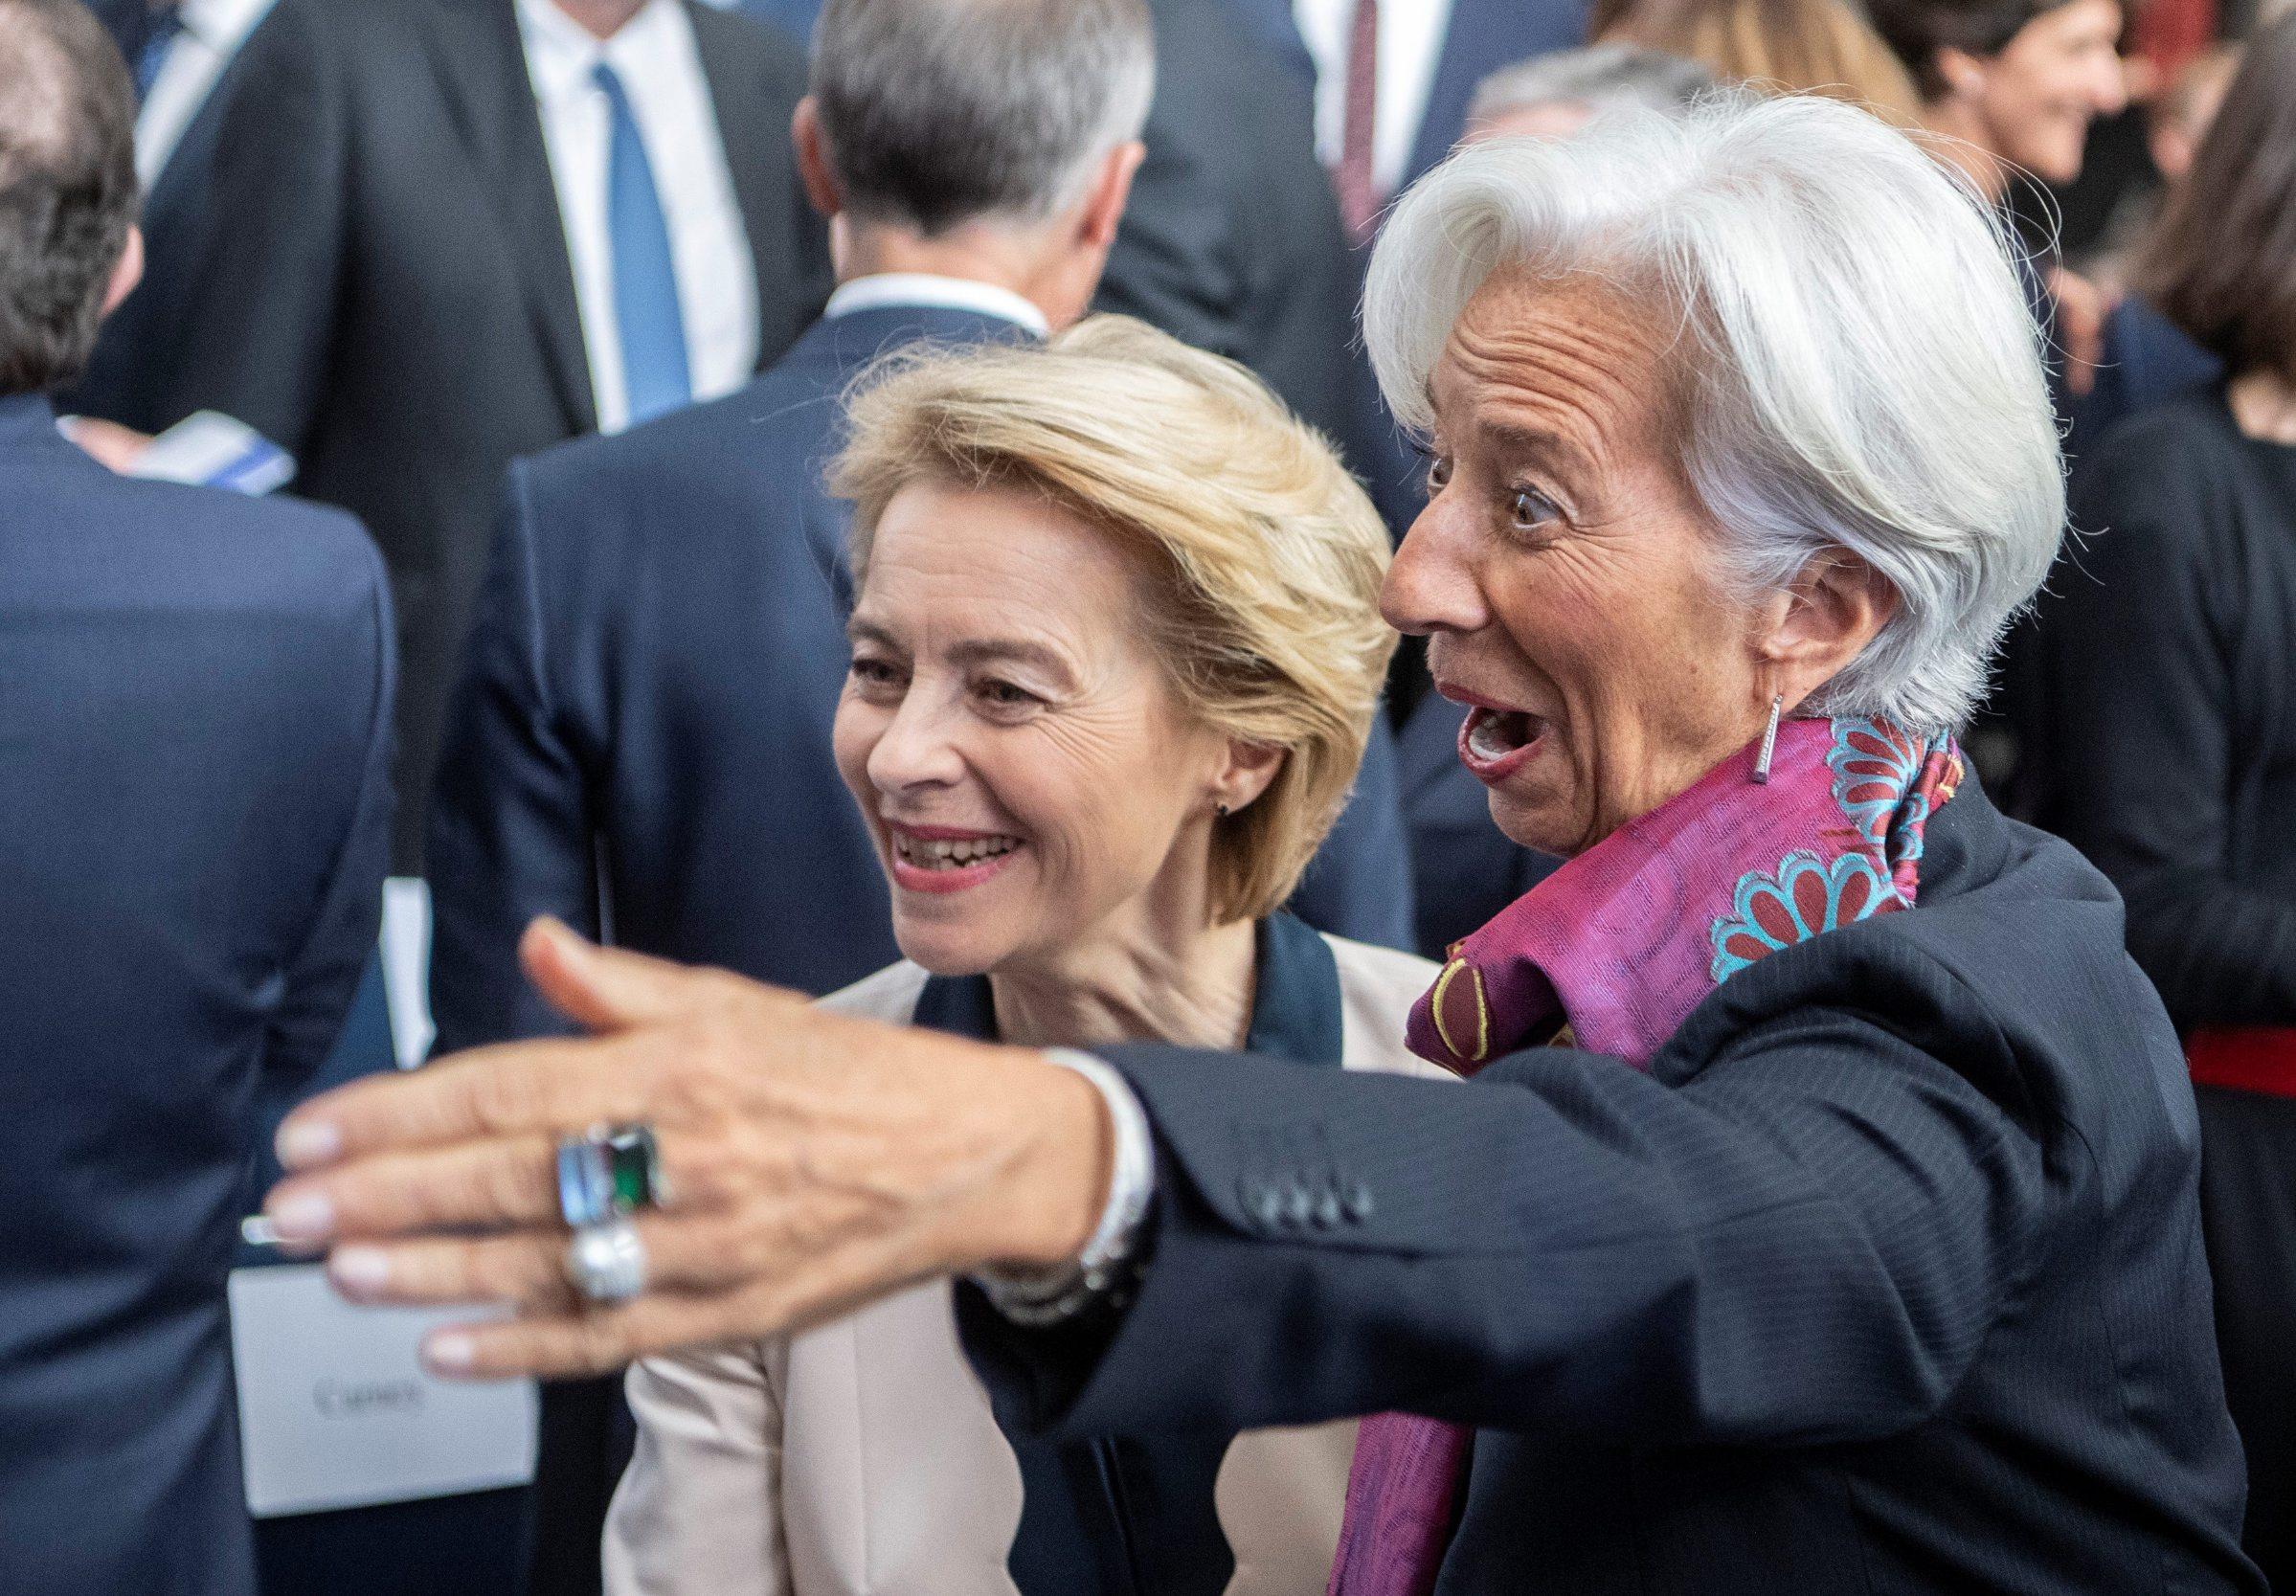 Dvije žene ne čelu ključnih europskih institucija: Ursula von der Leyen (lijevo) izabrana je za predsjednicu Europske komisije, a Christine Lagarde je već preuzela funkciju predsjednice Europske središnje banke